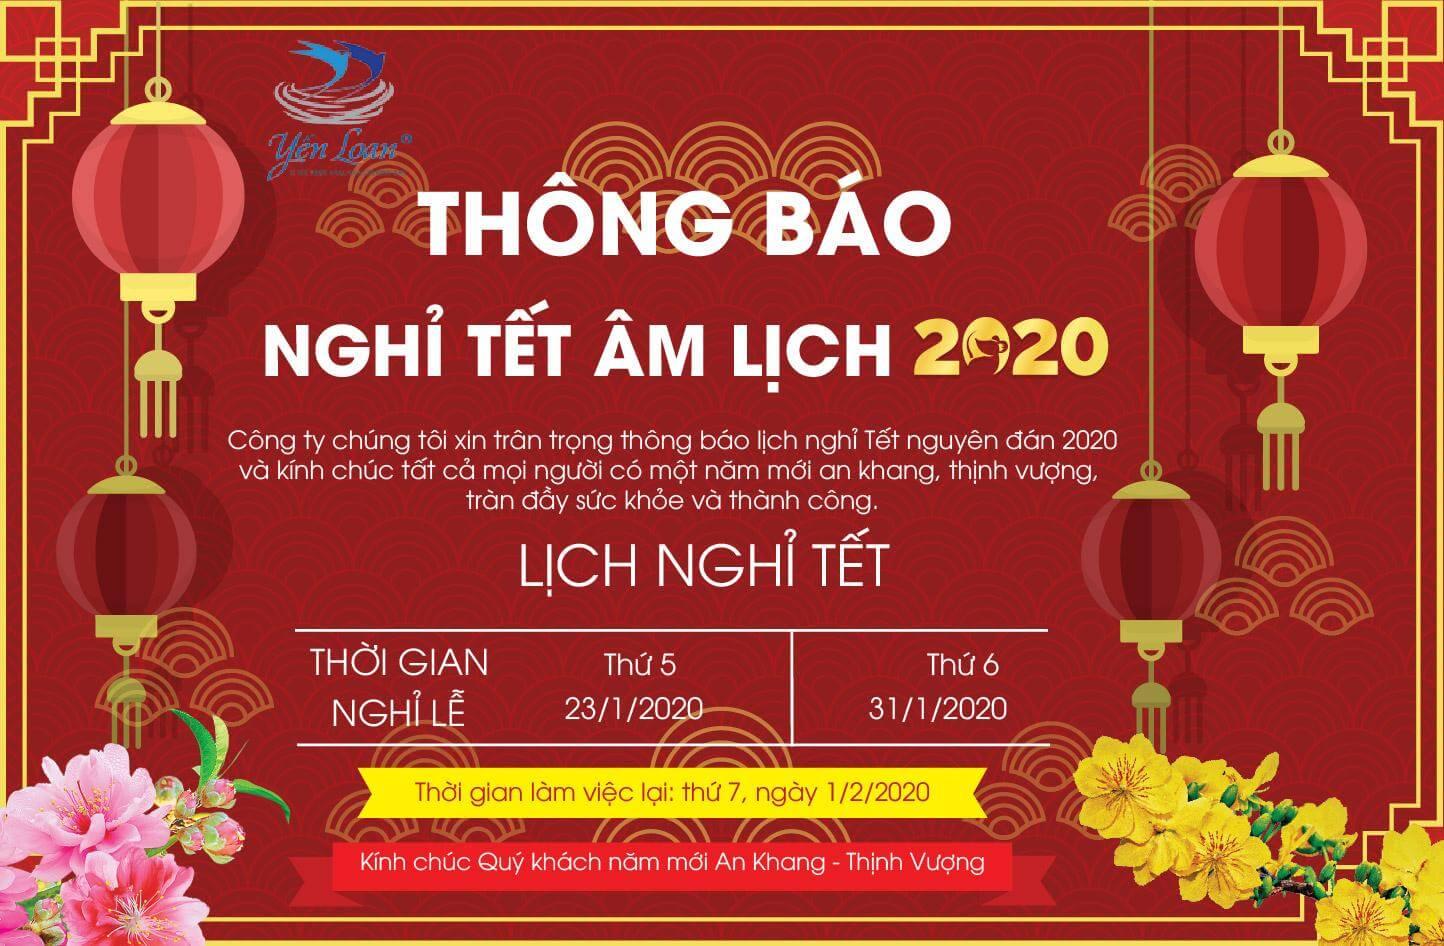 Thông báo lịch nghỉ tết nguyên đán 2020 – Công ty TNHH Loan Phát Huy